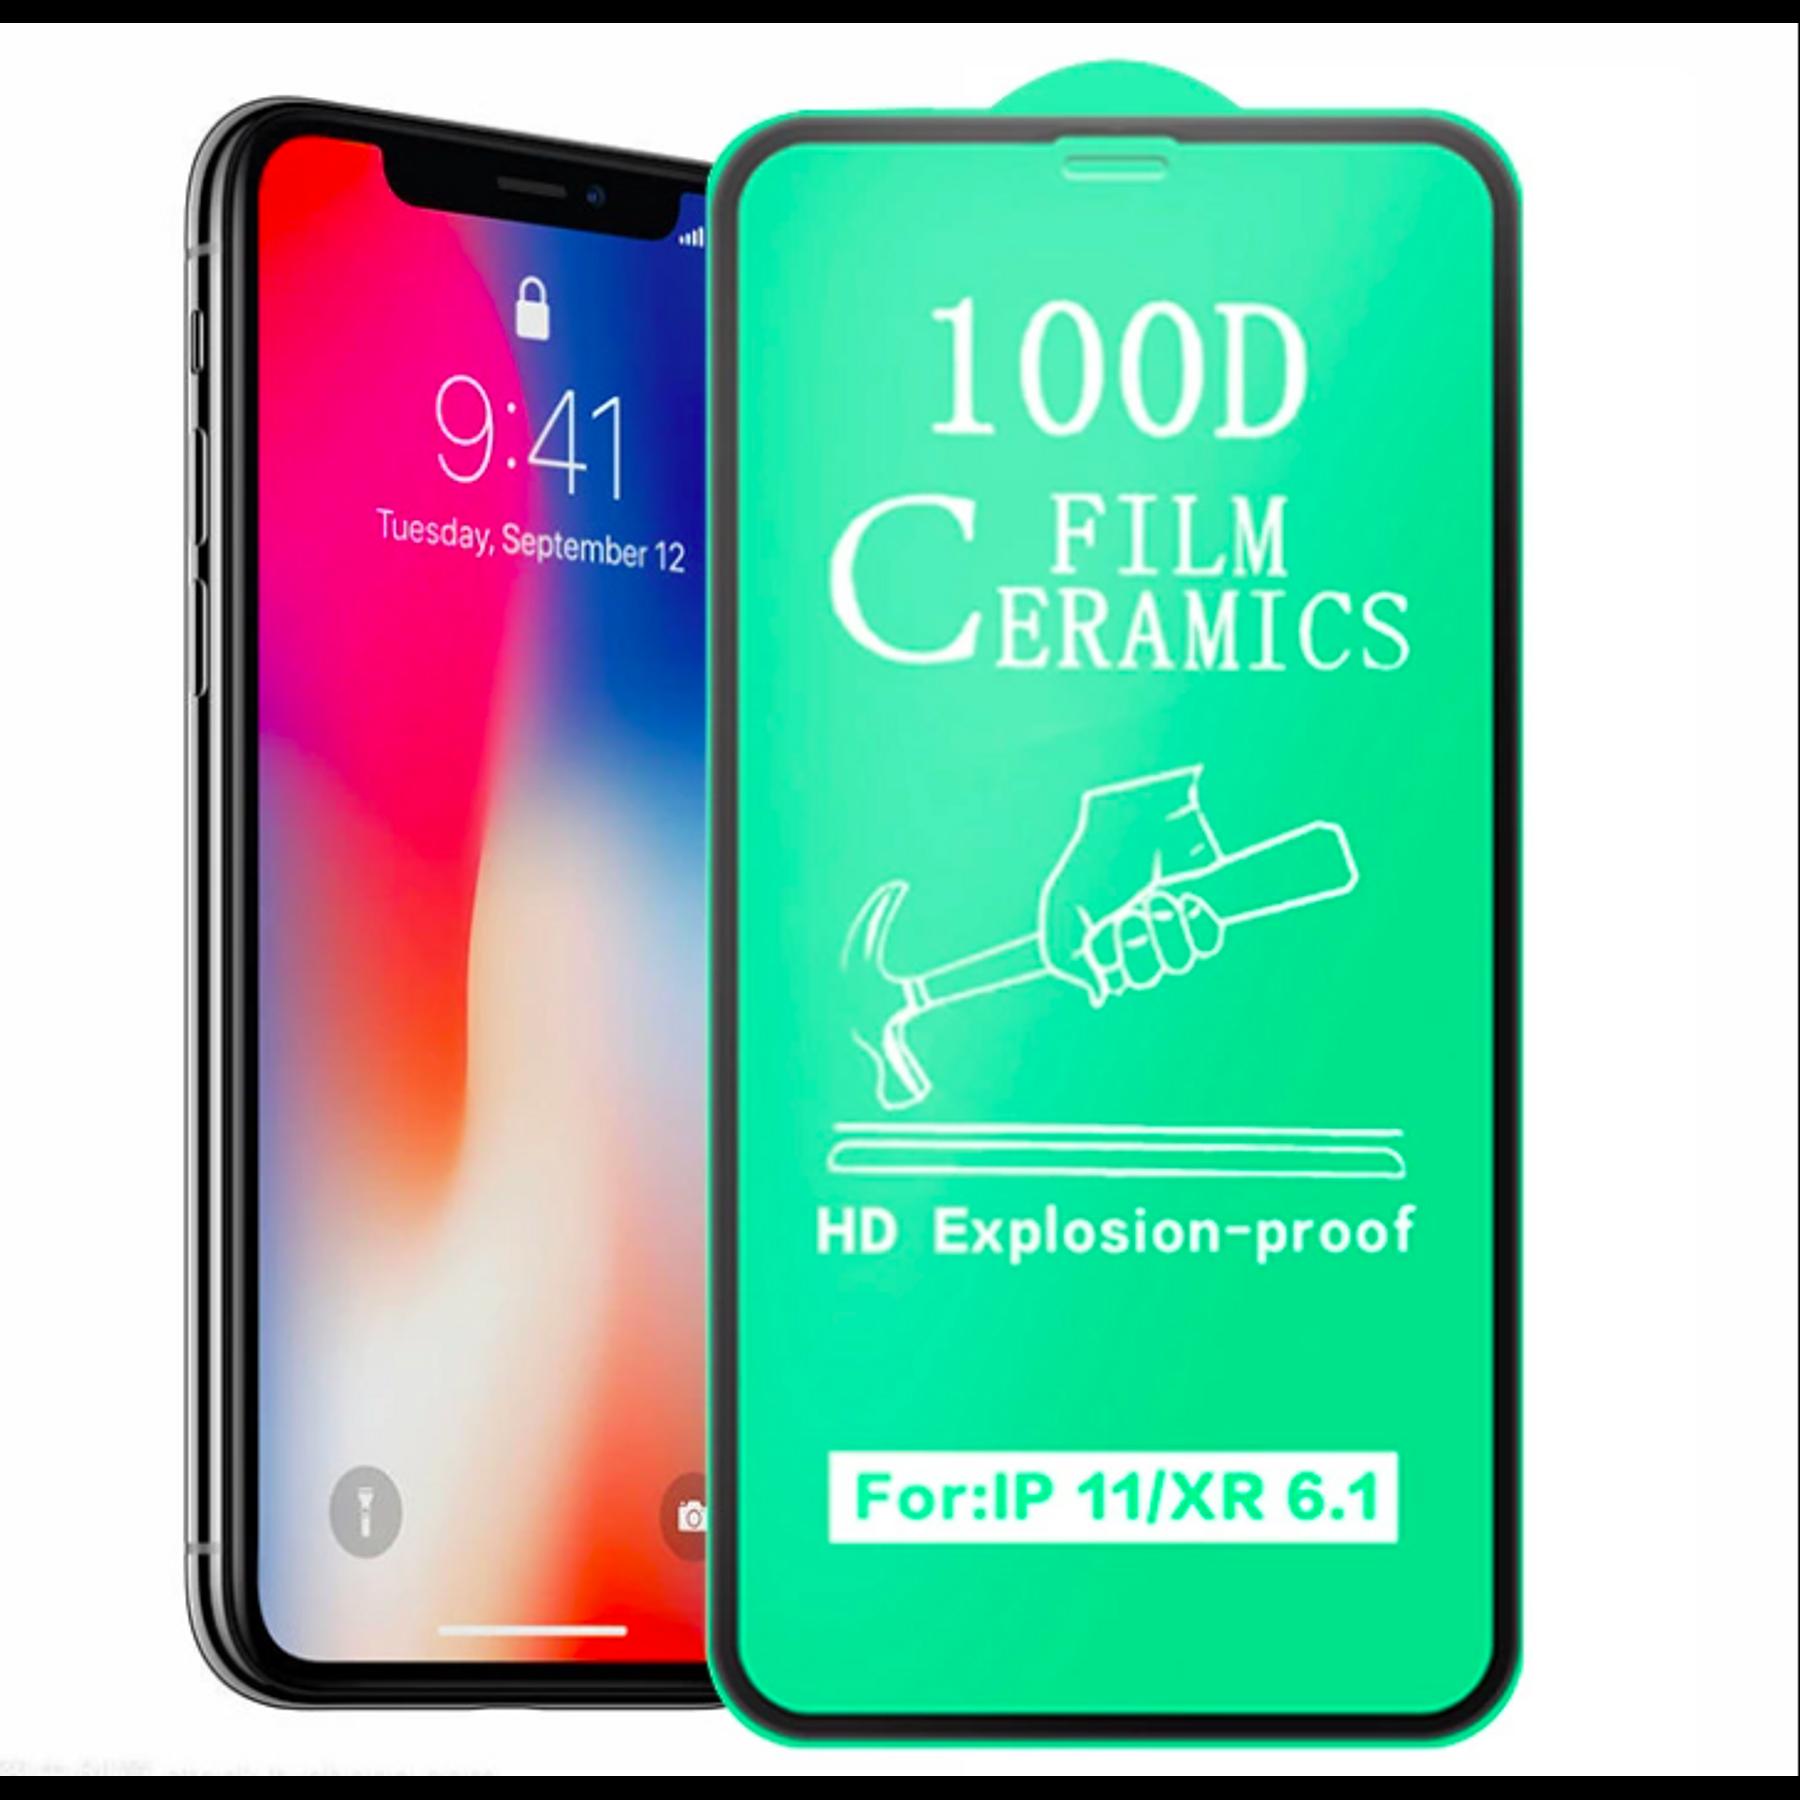 Lámina de Cerámica - iPhone 11 / XR